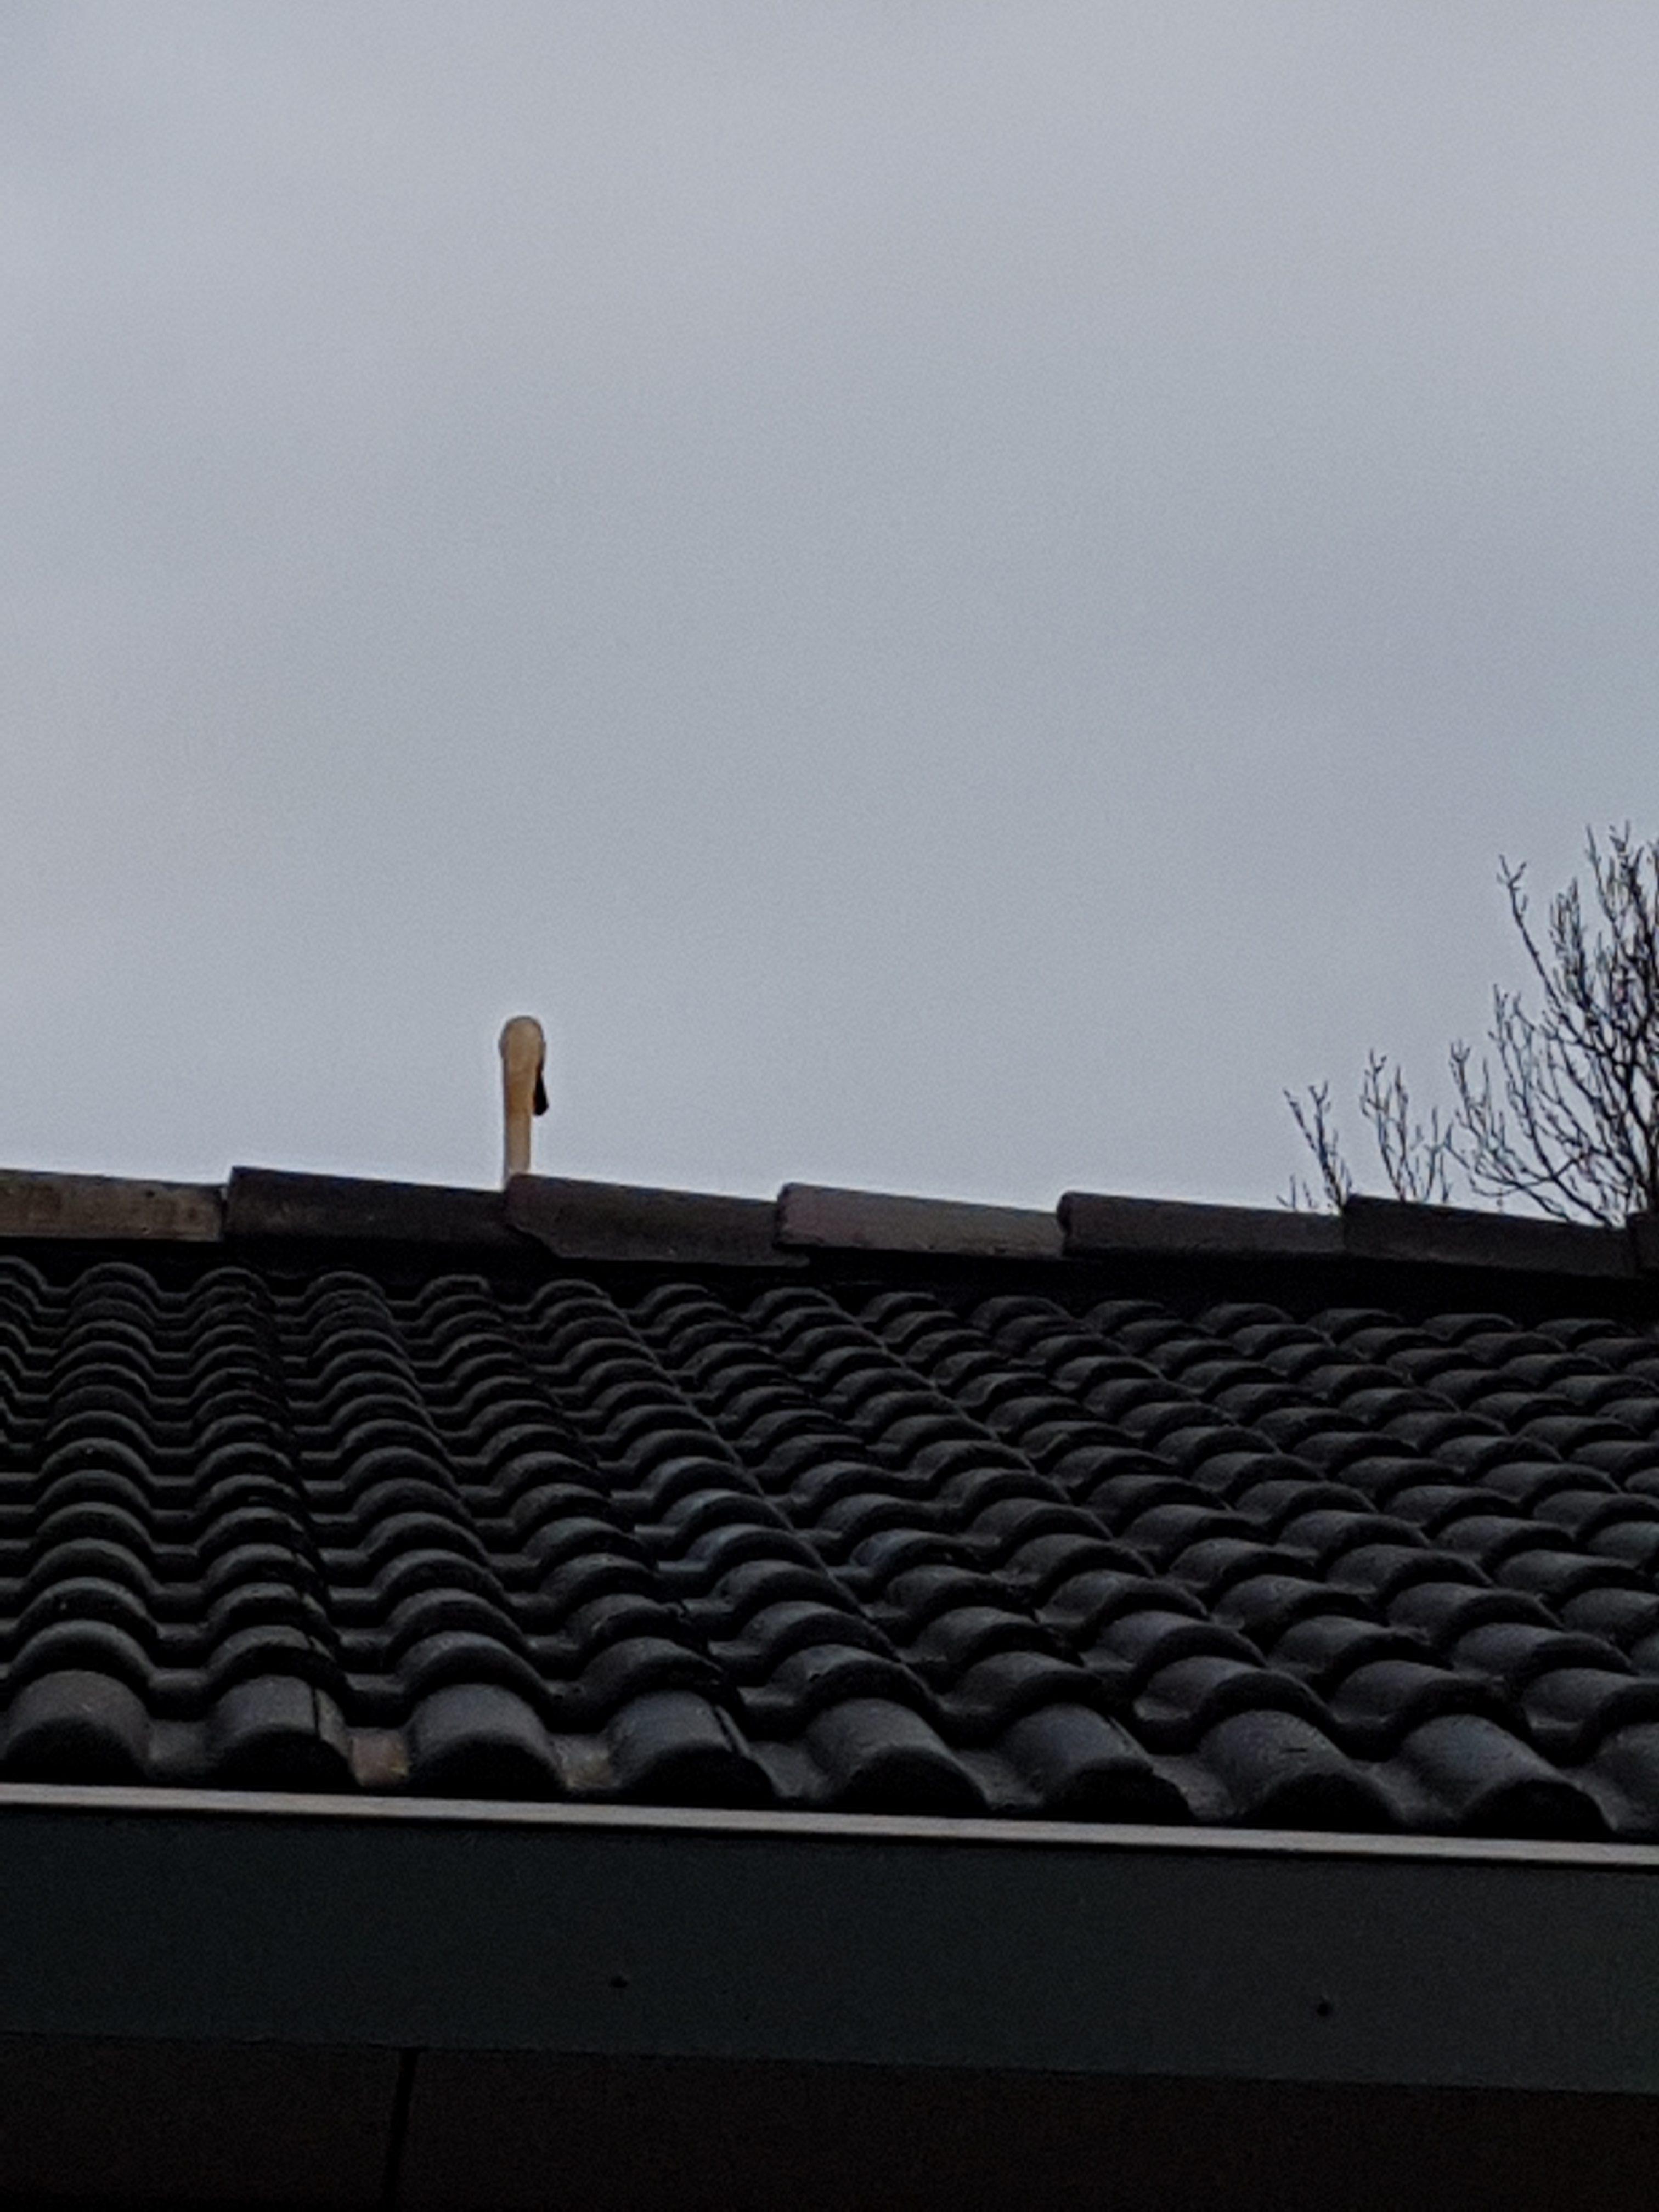 Een zwaan op het dak